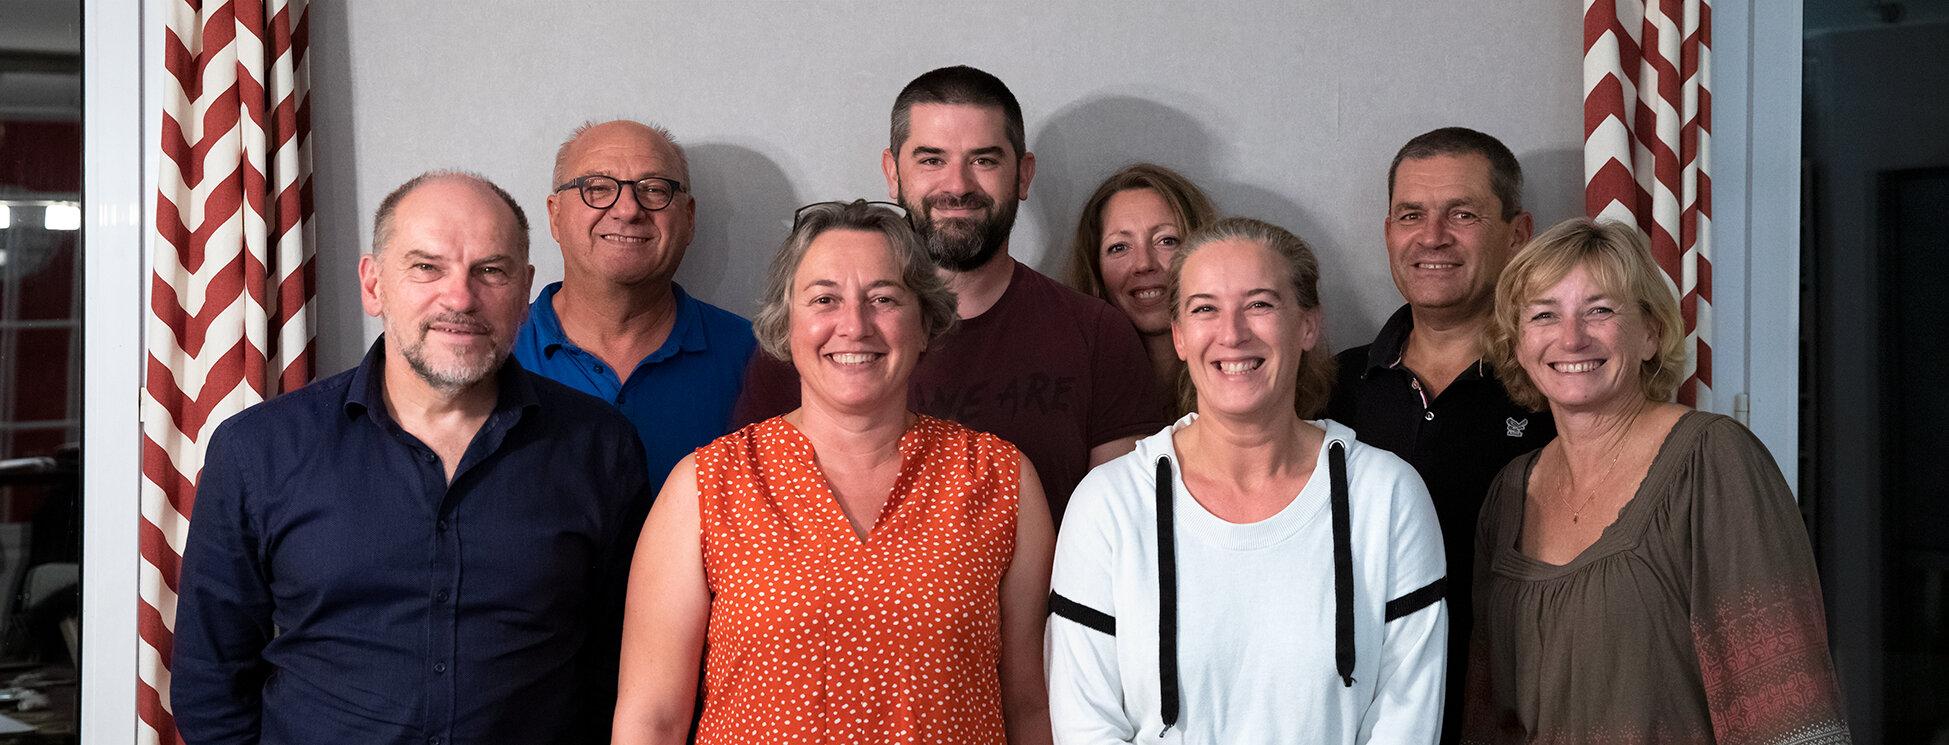 De gauche à droite : Éric (trésorier), Pascal (président), Karin (secrétaire), Alexandre (membre), Corinne (membre), Ingrid (membre), Philippe (Vice-président), Guylaine (membre).